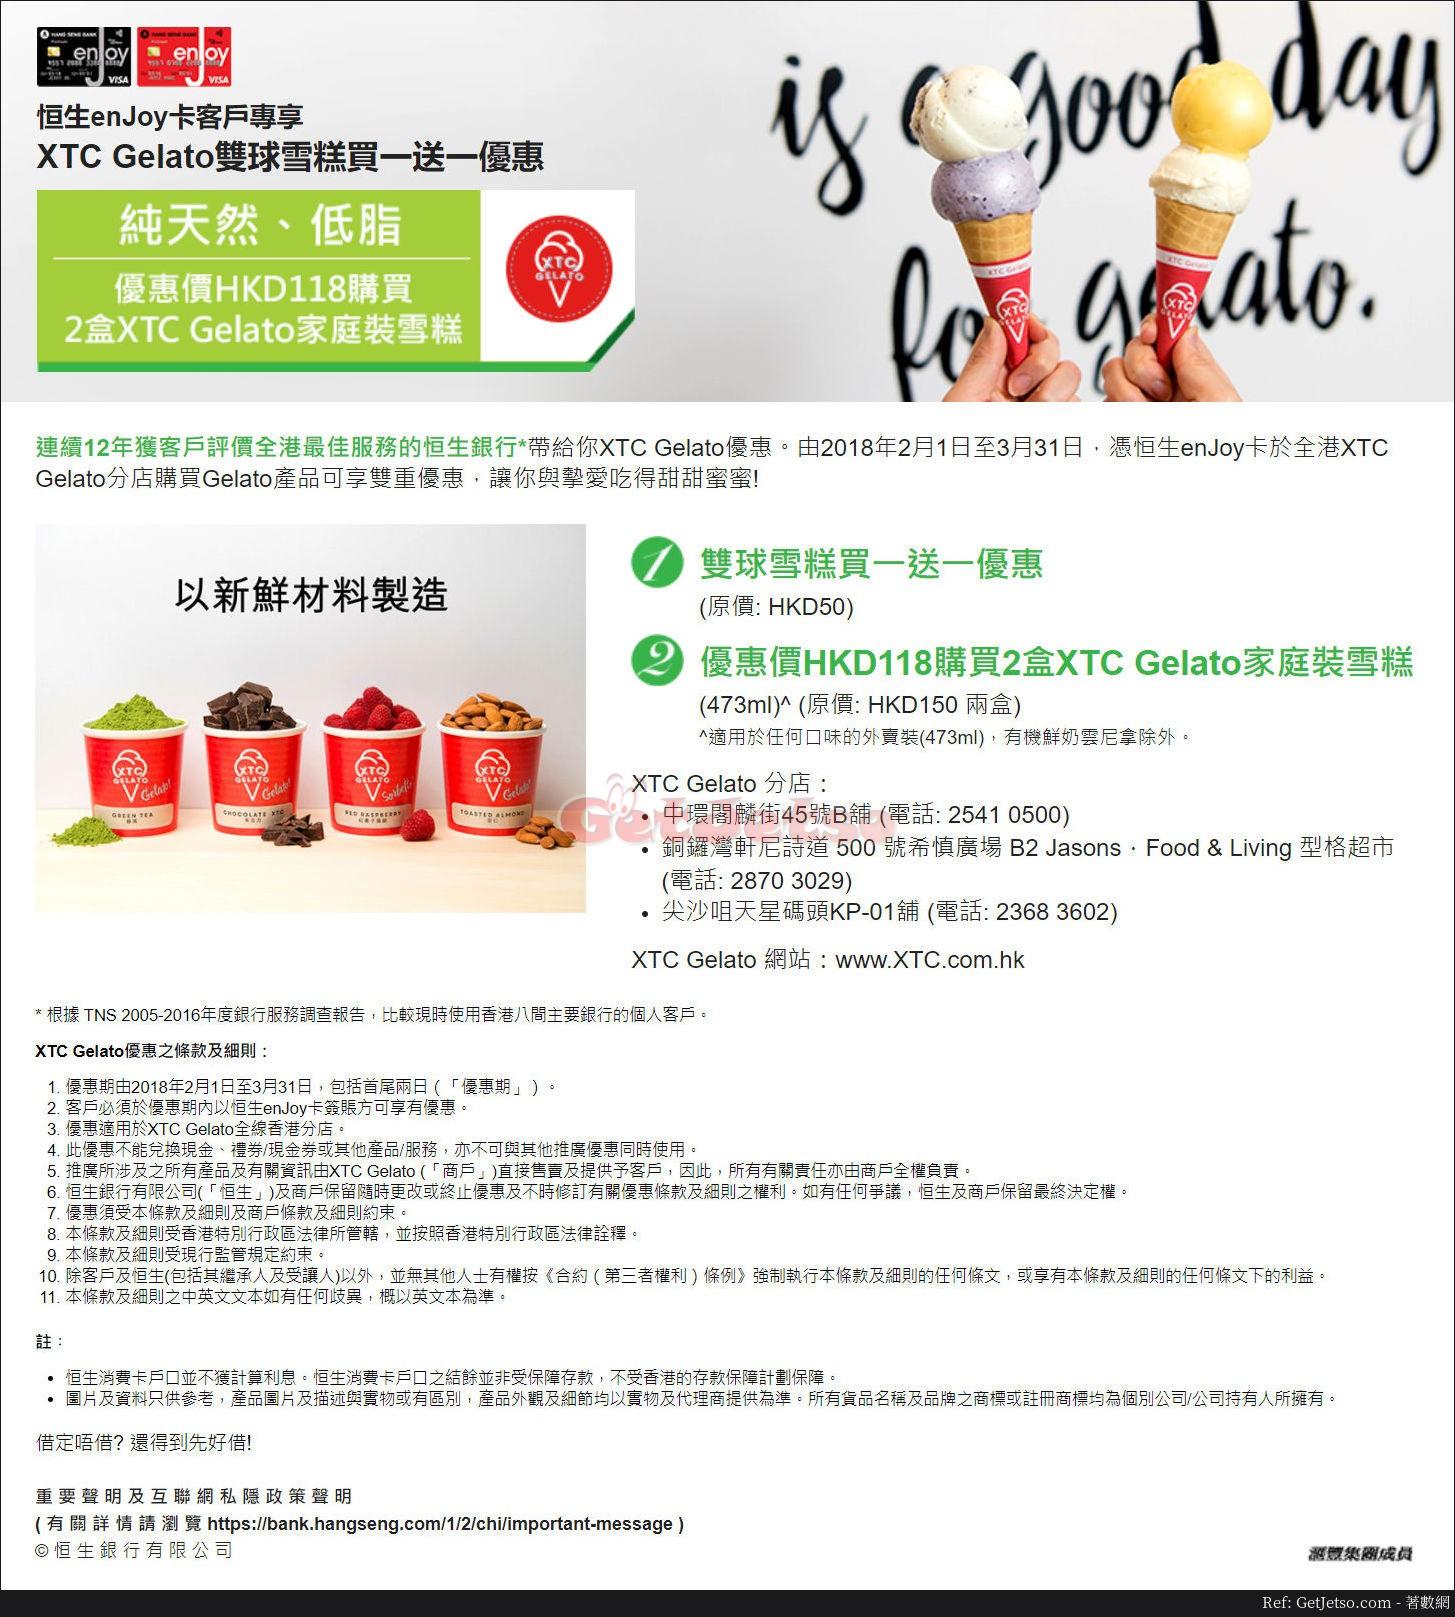 恒生信用卡享XTC Gelato 雙球雪糕買1送1優惠(至18年3月31日)